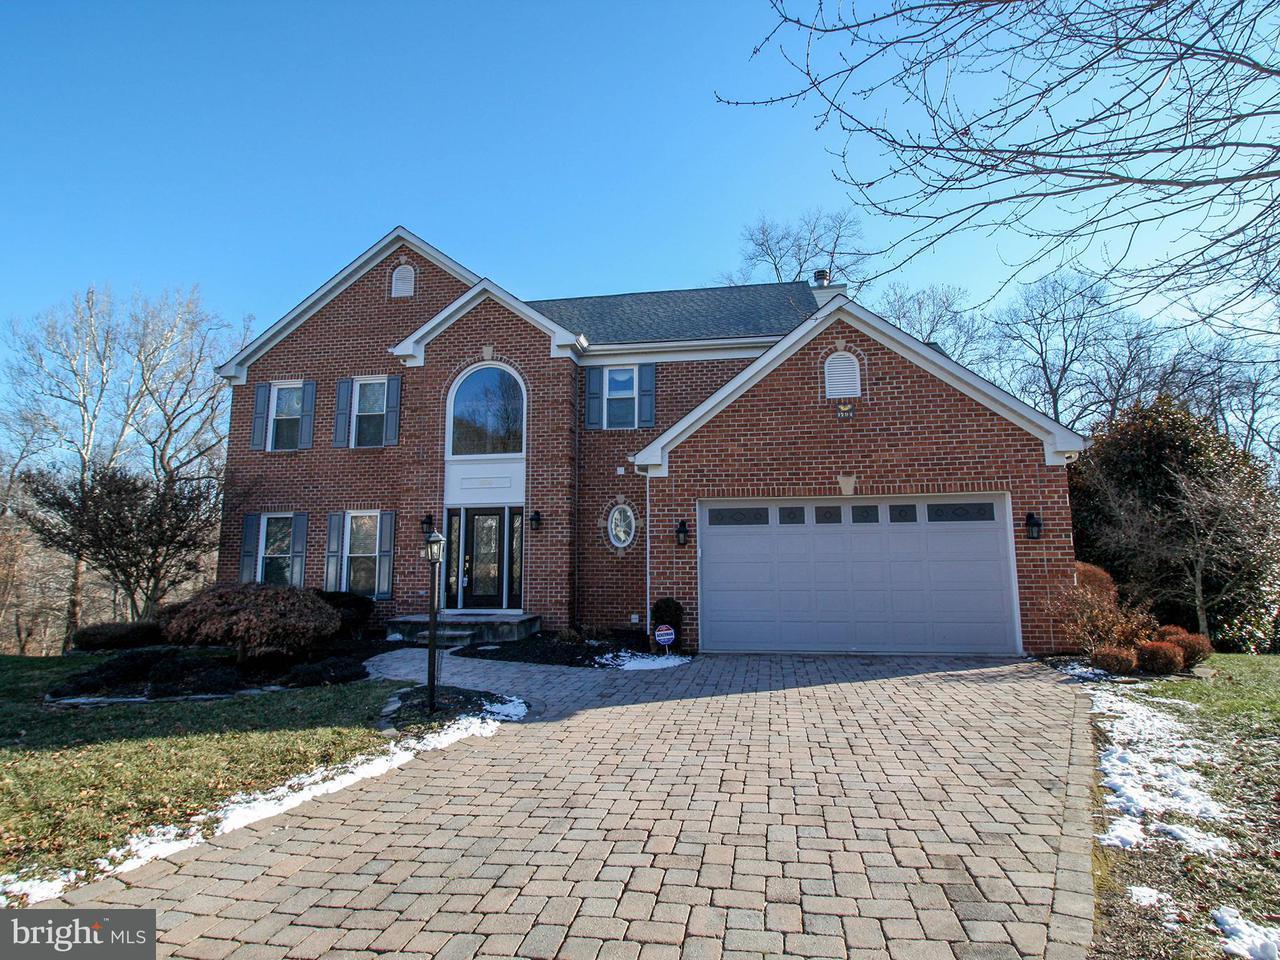 Частный односемейный дом для того Продажа на 2000 Knotty Pine Drive 2000 Knotty Pine Drive Abingdon, Мэриленд 21009 Соединенные Штаты